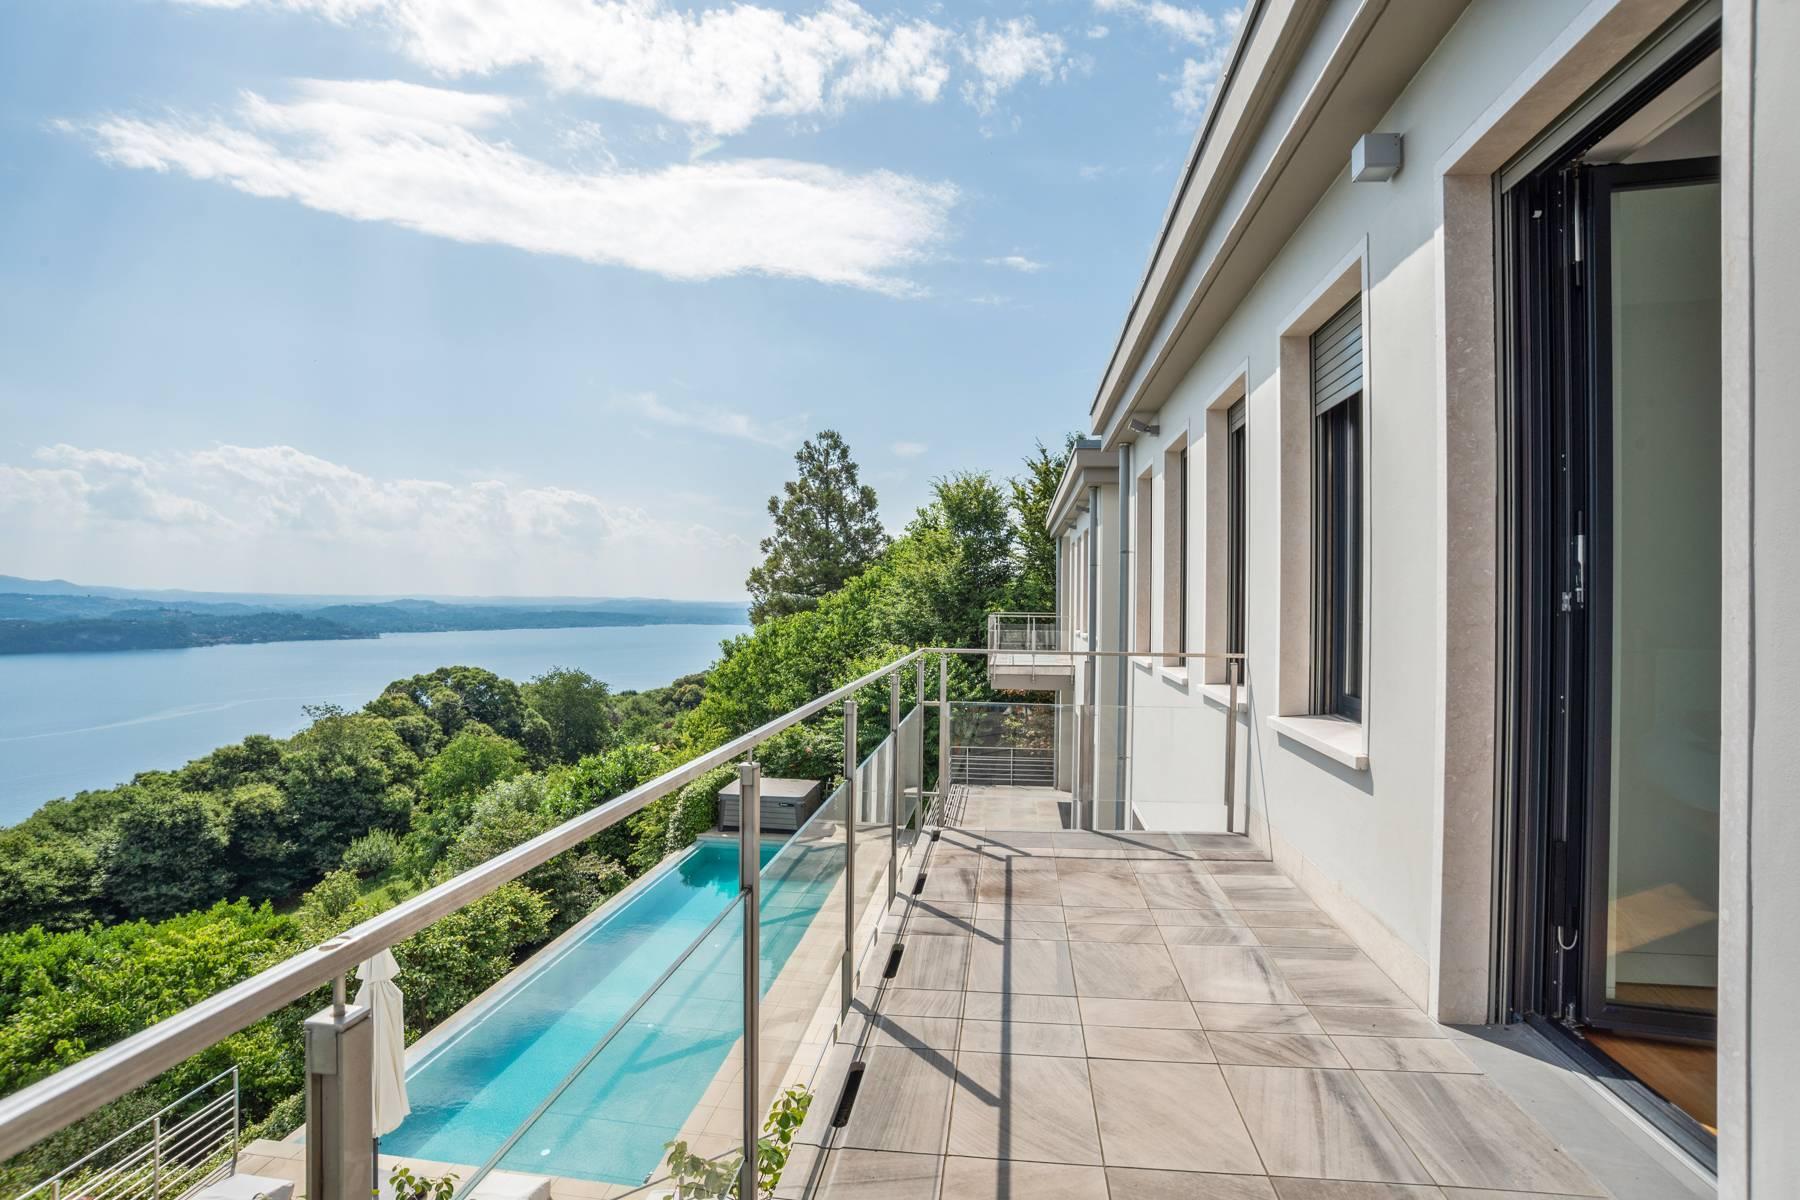 Fabulous Villa on the hills of Stresa - 25